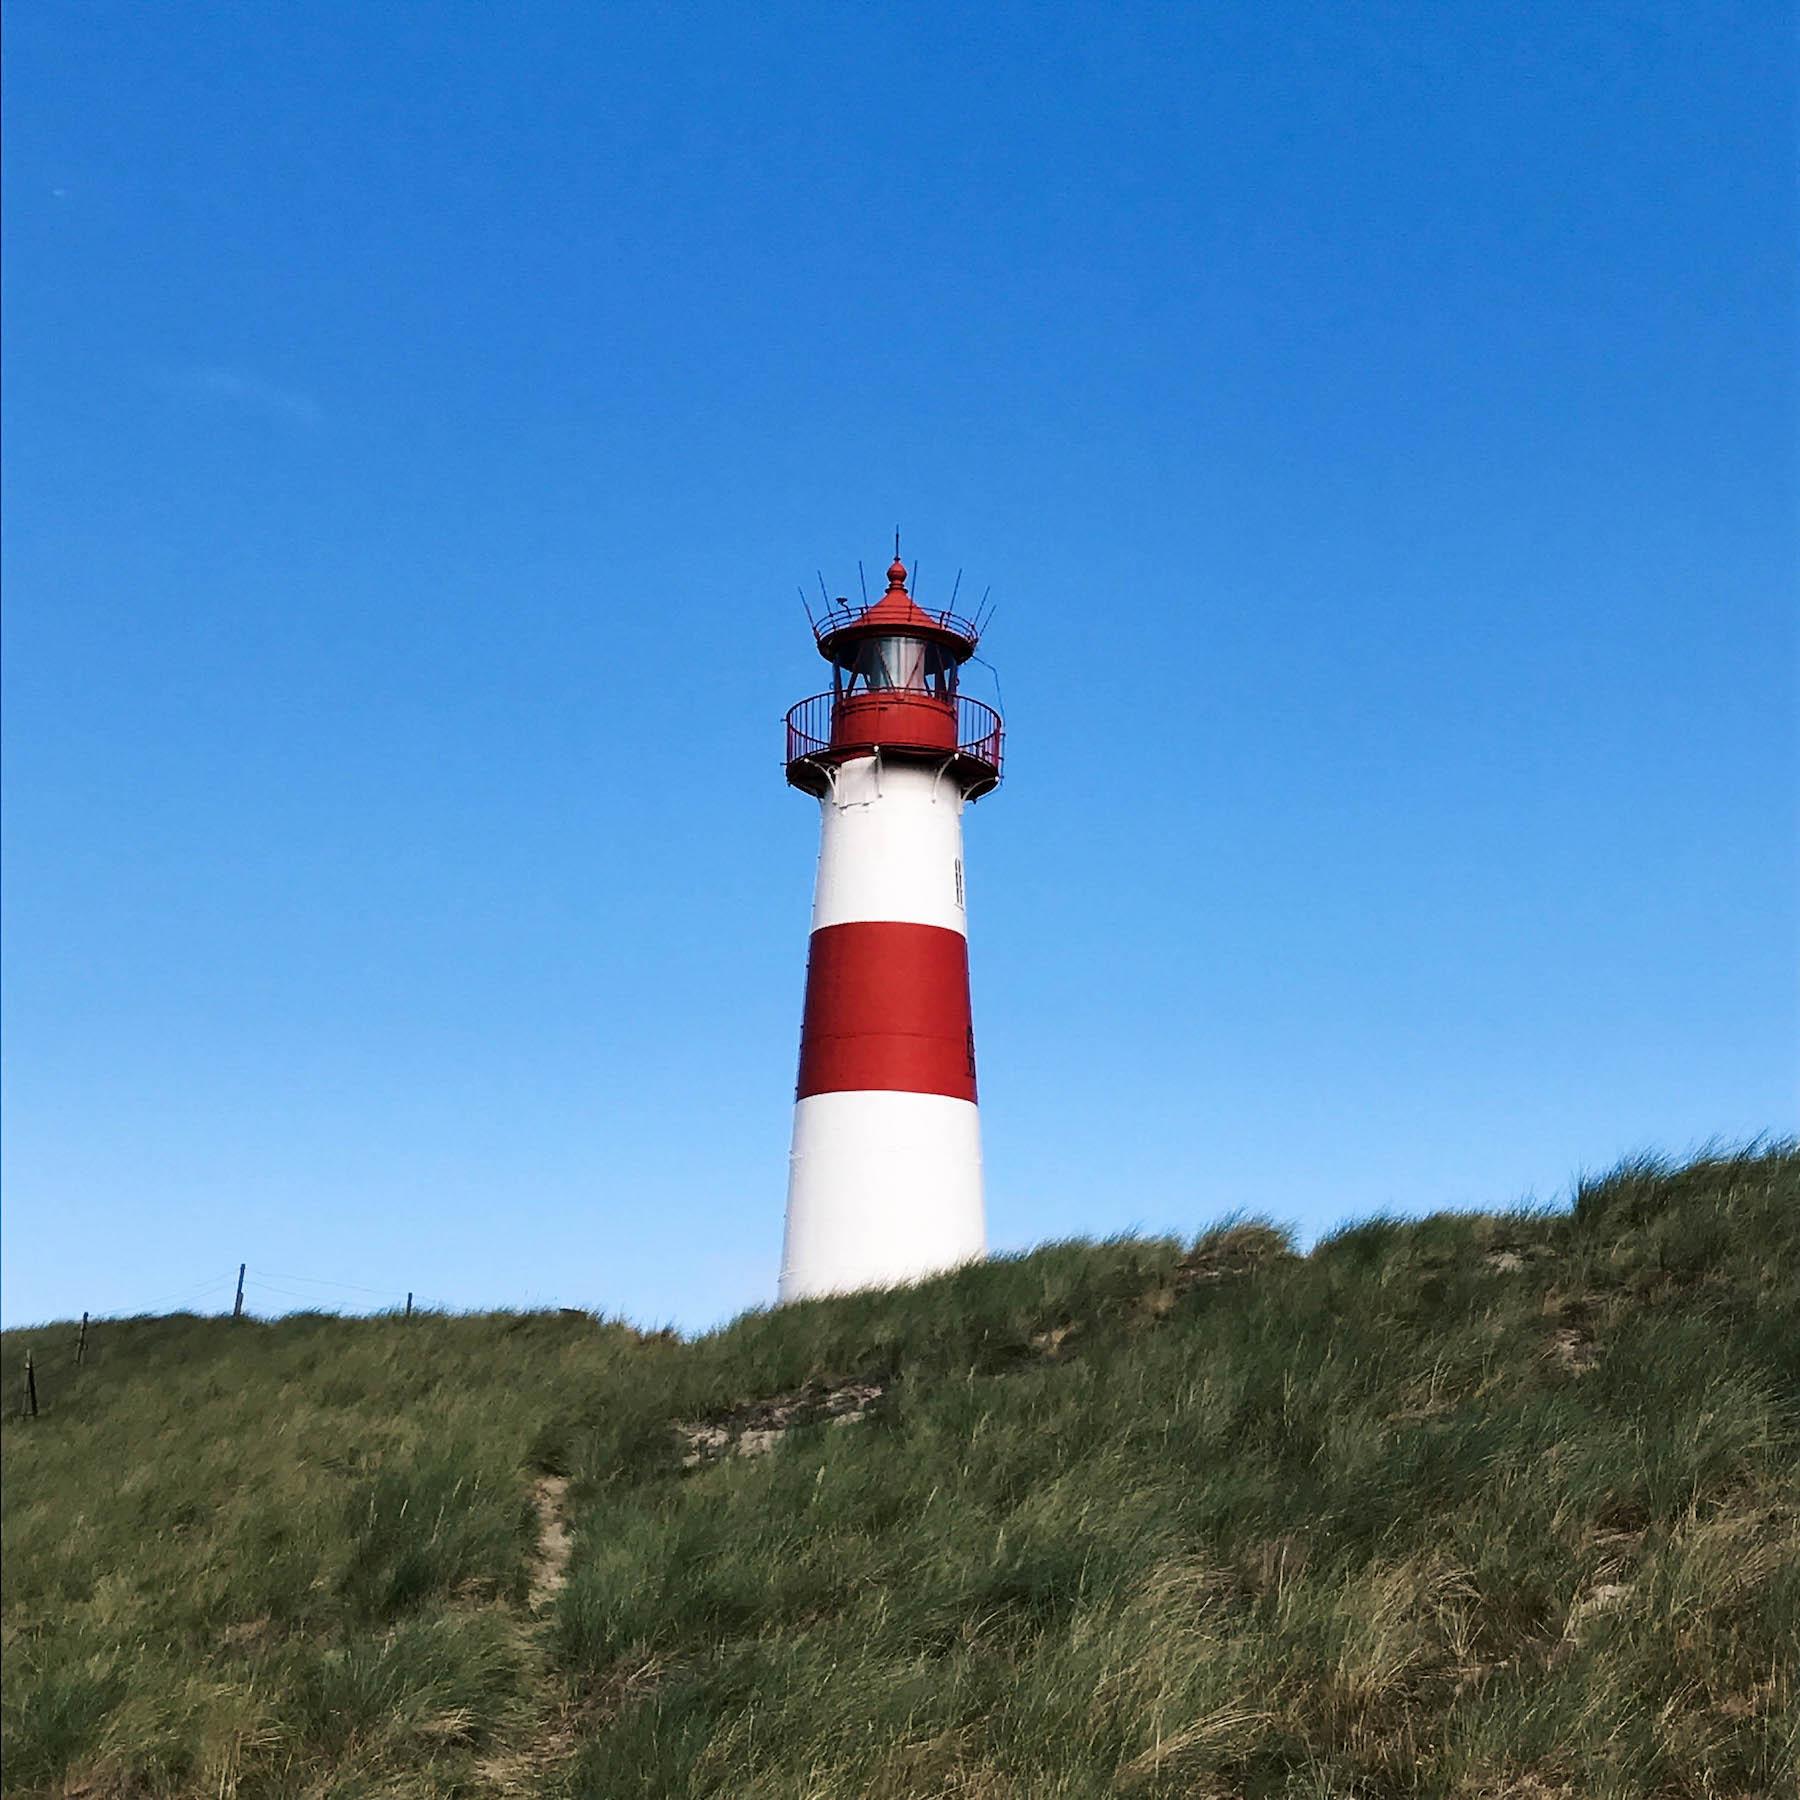 suelovesnyc_Sylt_Ellenbogen_List_auf_Sylt_reise_tipps_48h_wochenendtrip_kurzurlaub_leuchtturm